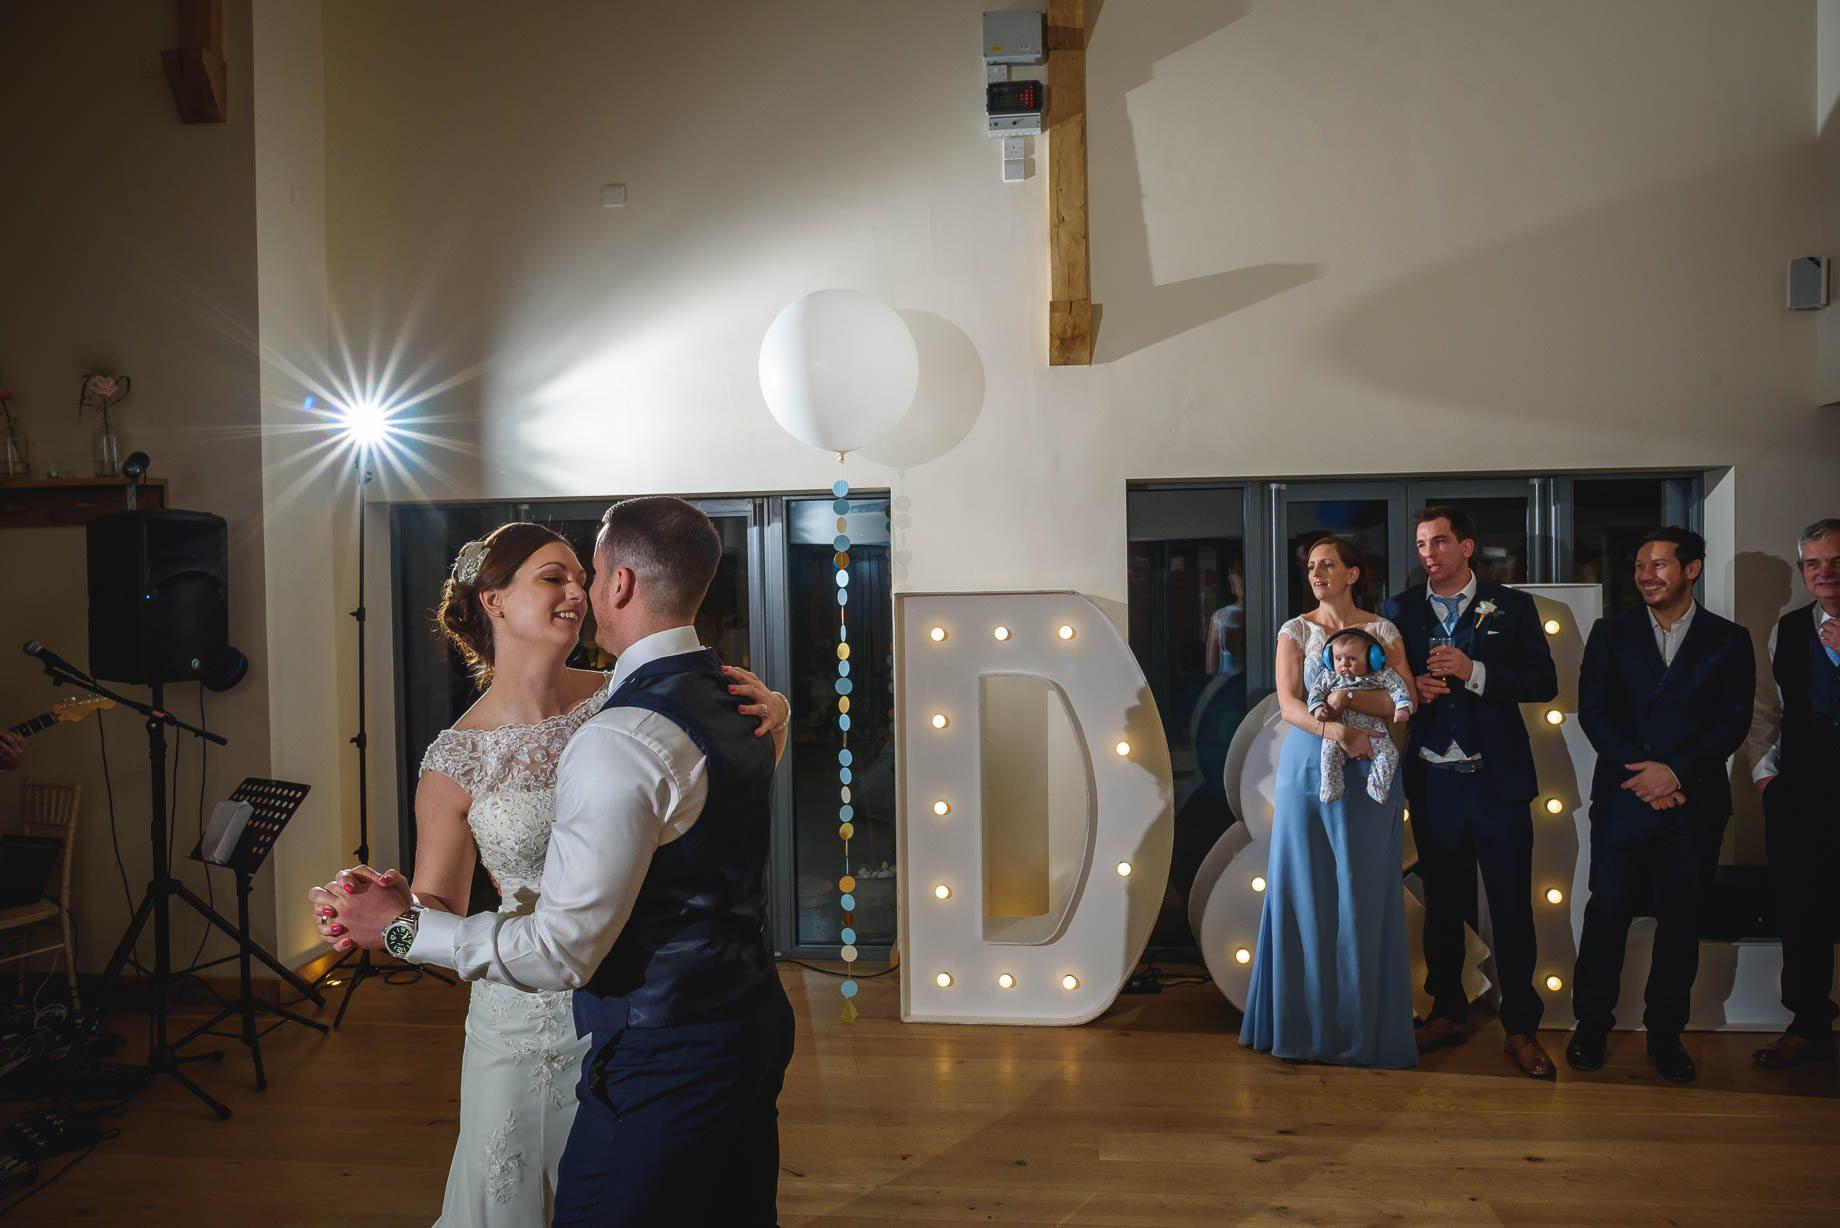 Millbridge Court Wedding Photography - Lisa and Daniel (161 of 173)